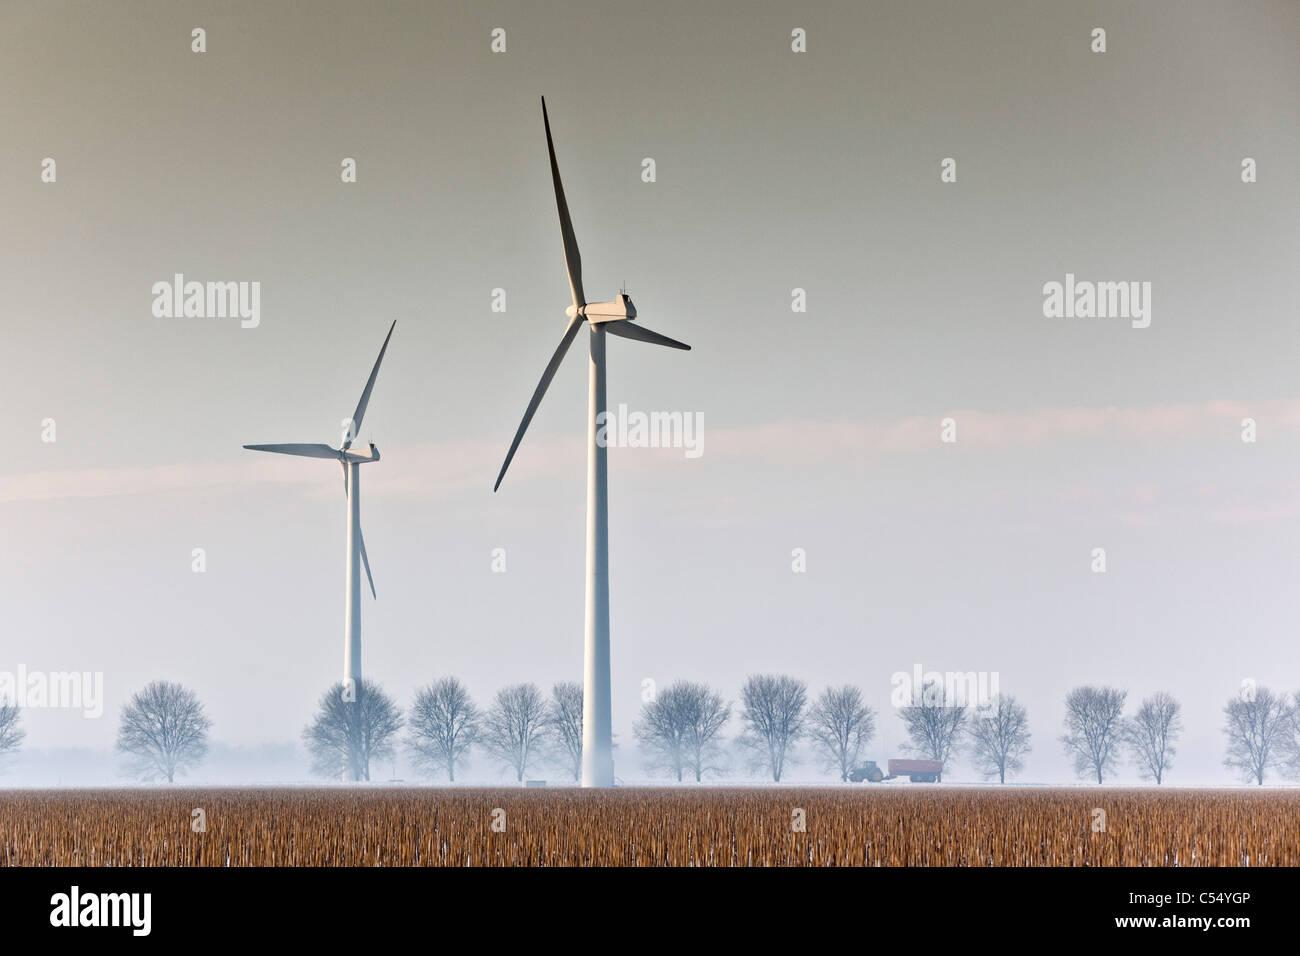 Niederlande, Lelystad, Windkraftanlagen und Traktor Stockbild